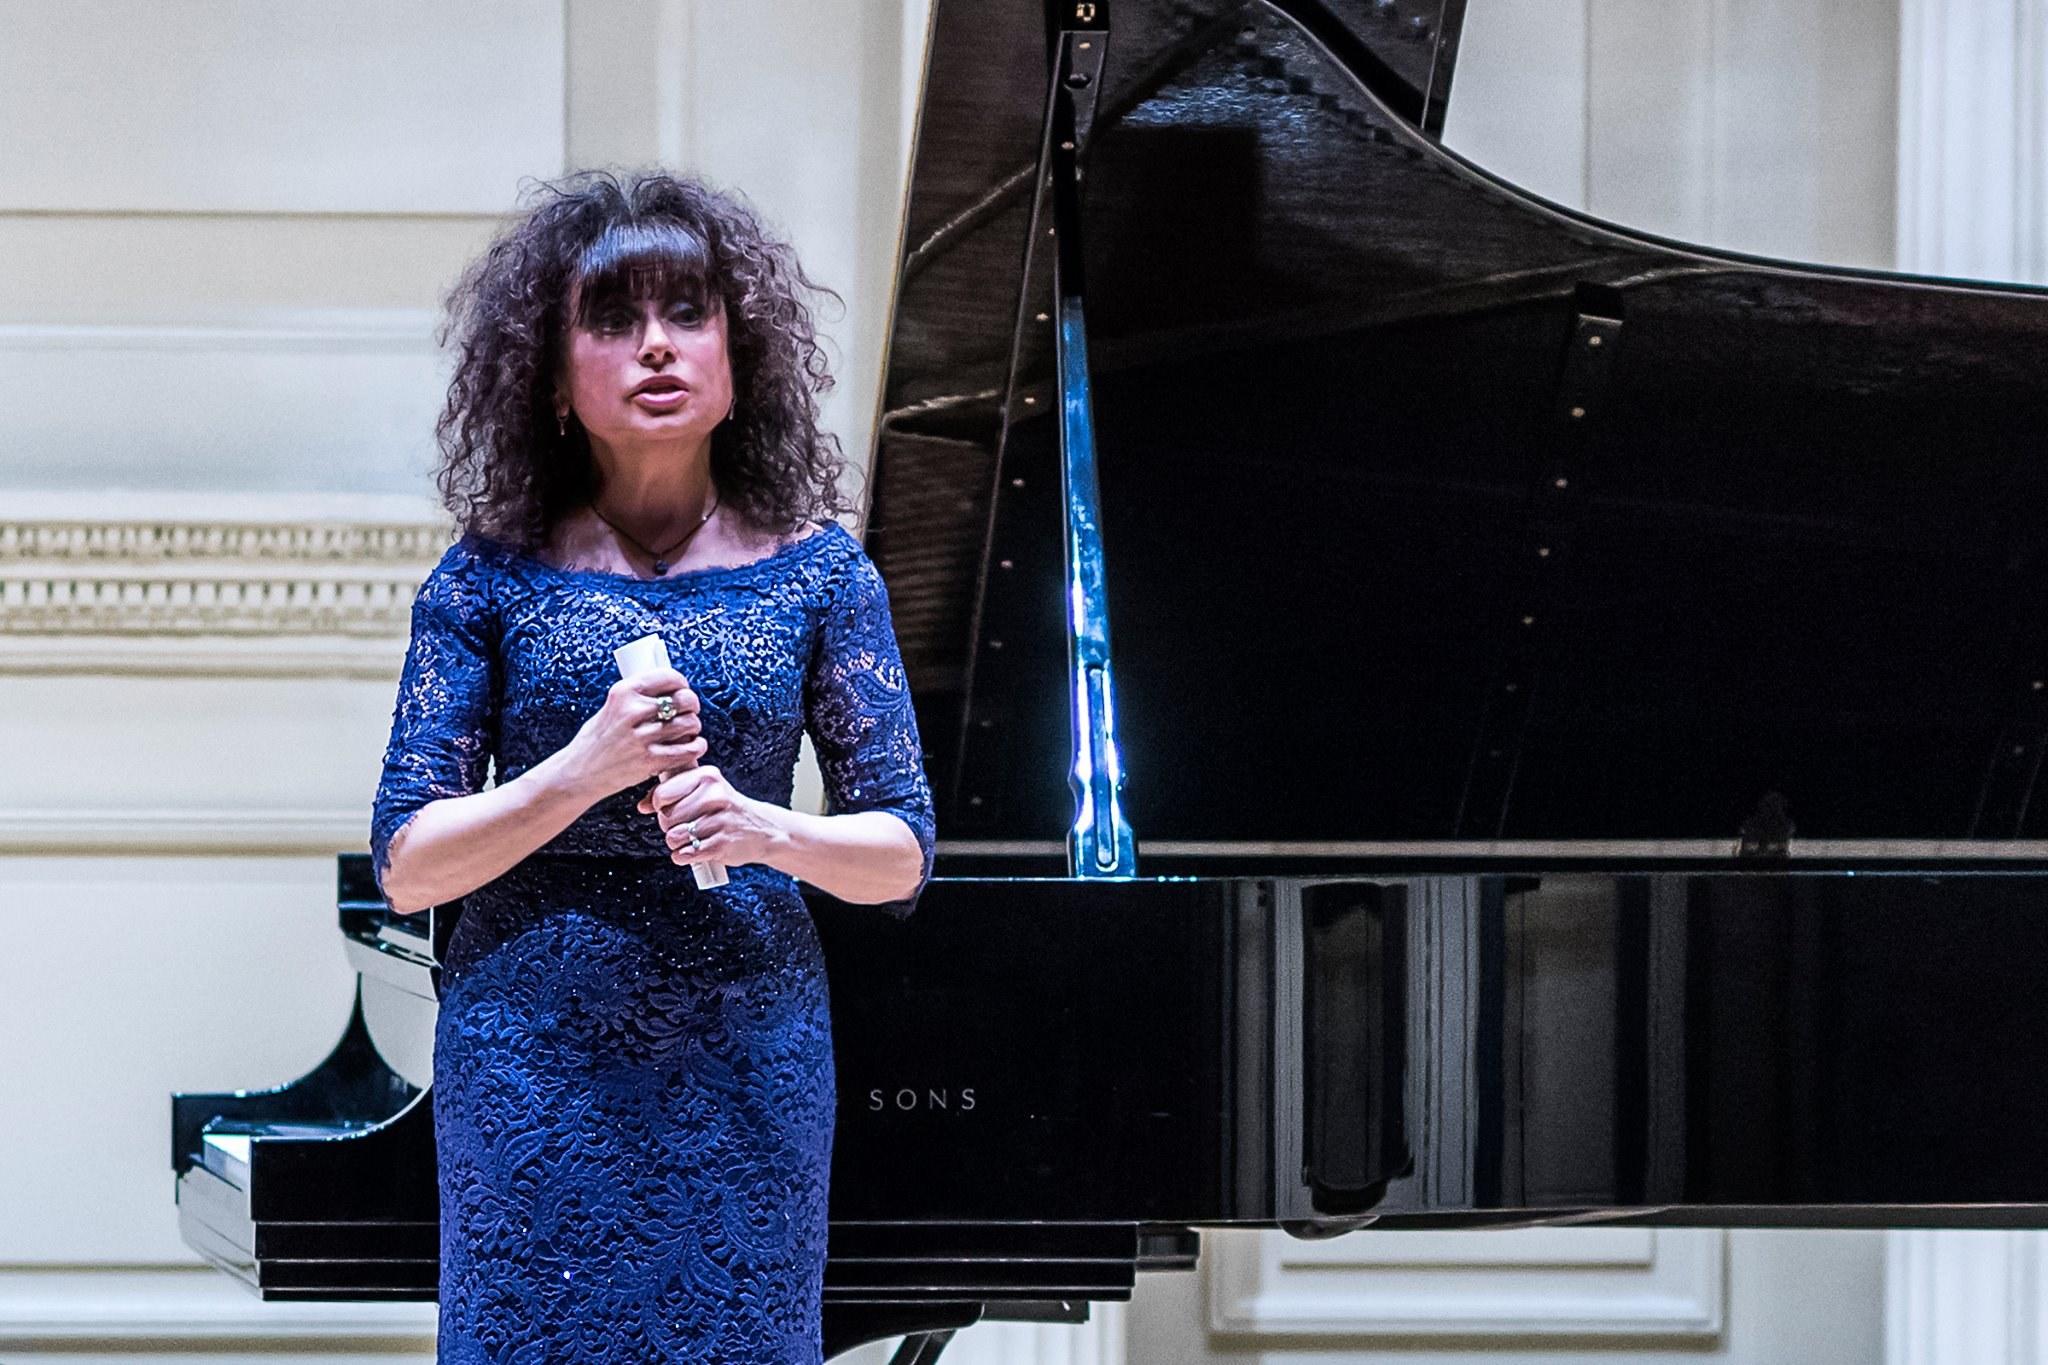 Manhattan mourns 'amazing' piano teacher